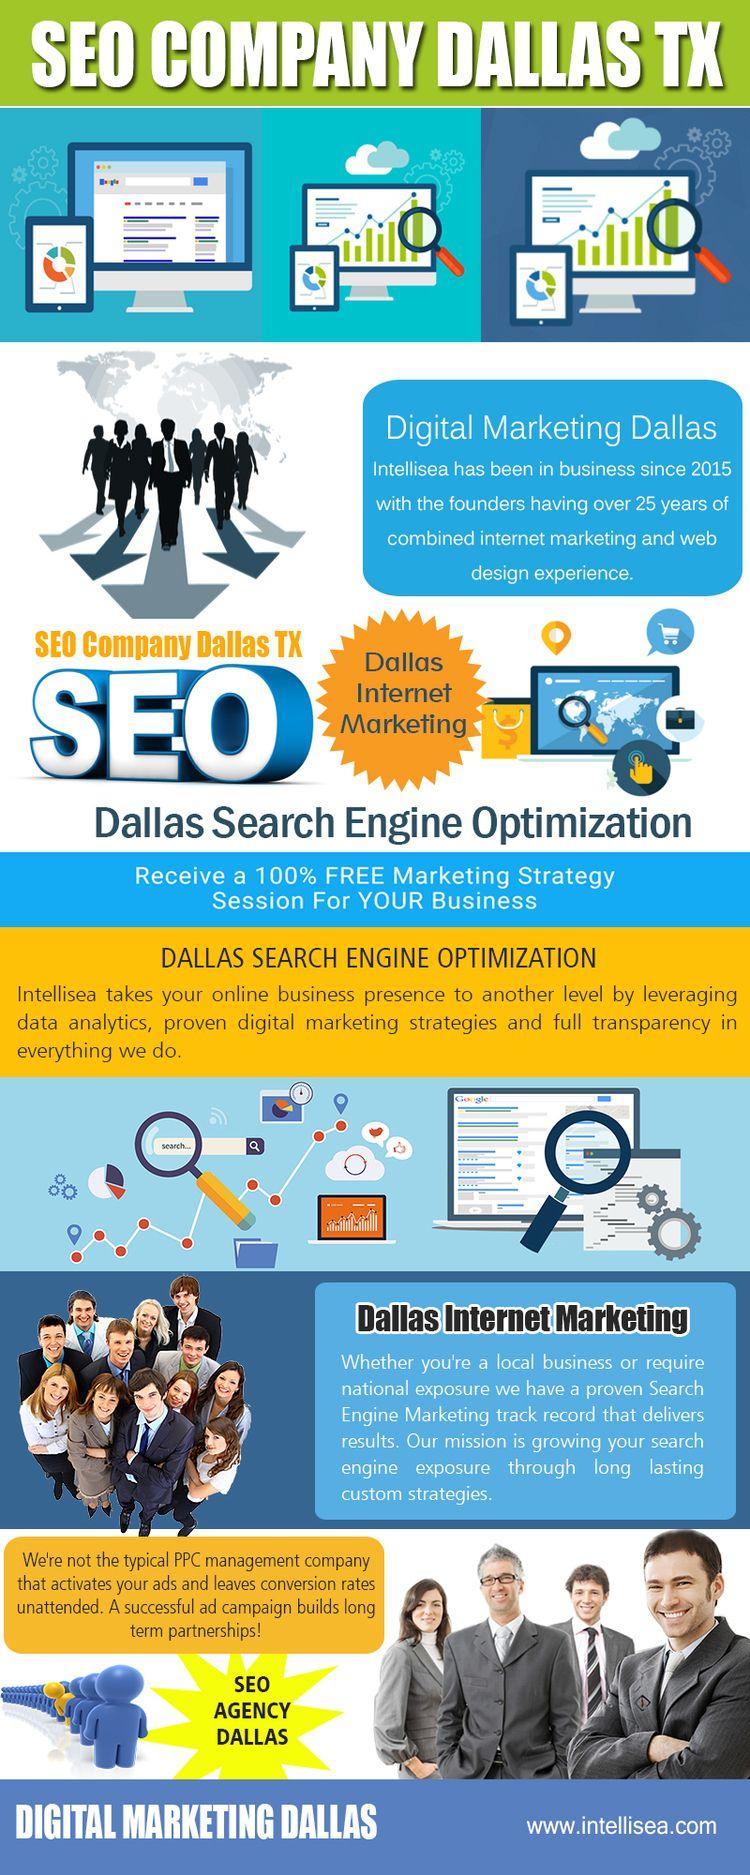 SEO company Dallas TX analyze g - professionalseoservices | ello